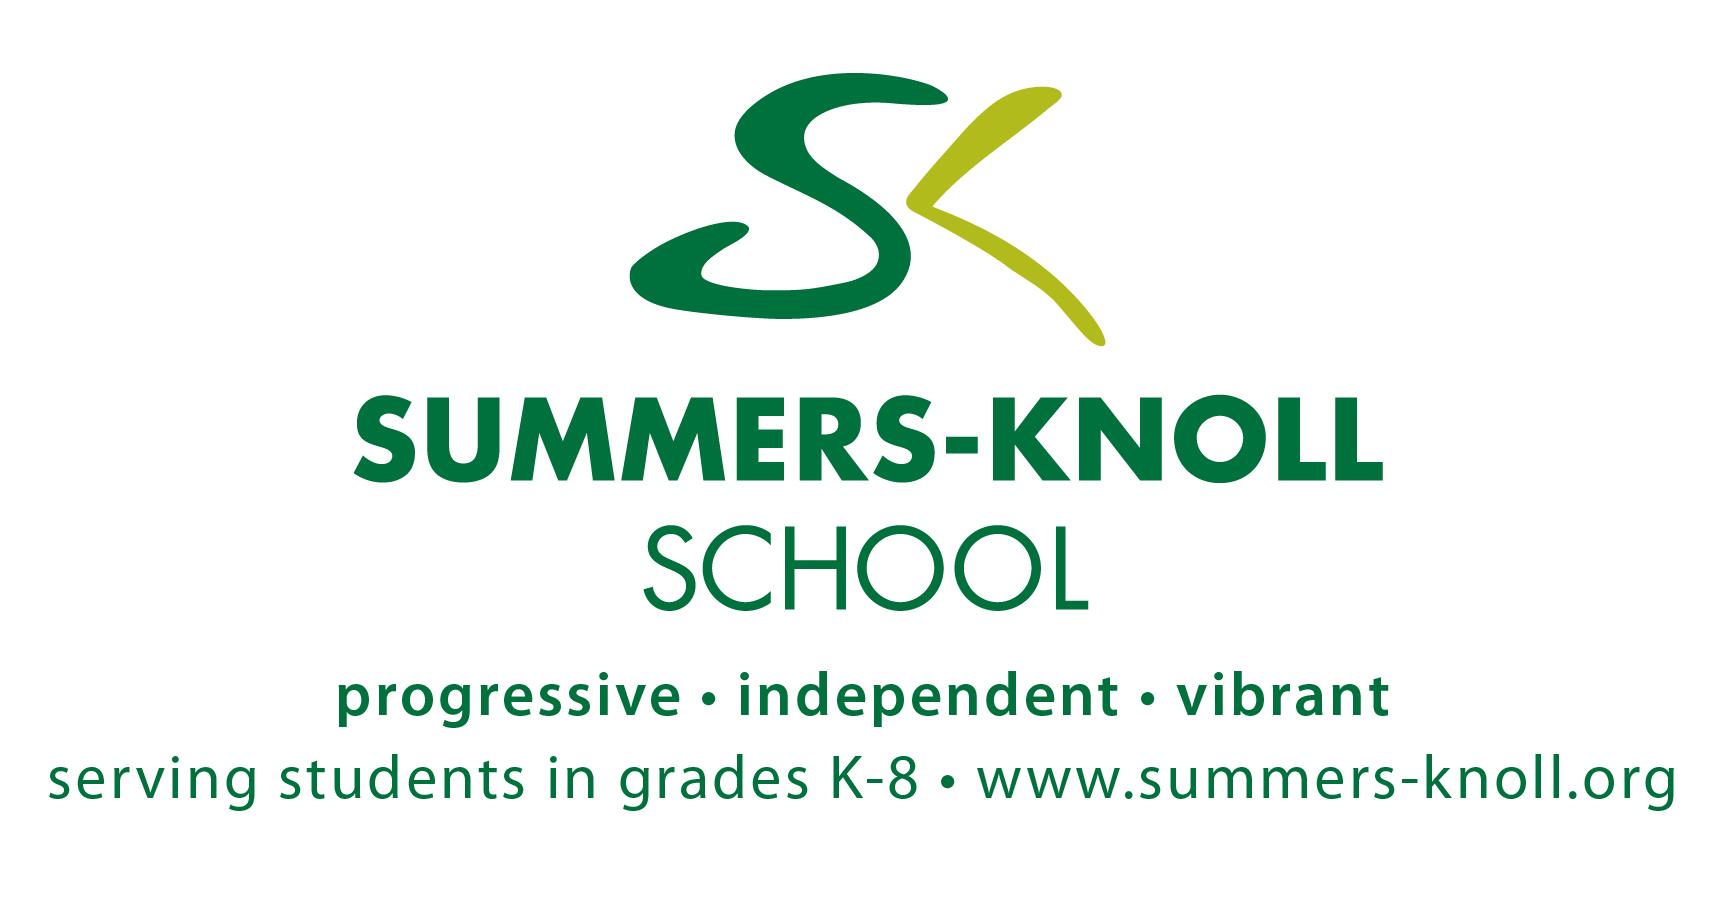 1_new_sk_logo_vertical_with_k8_school_info